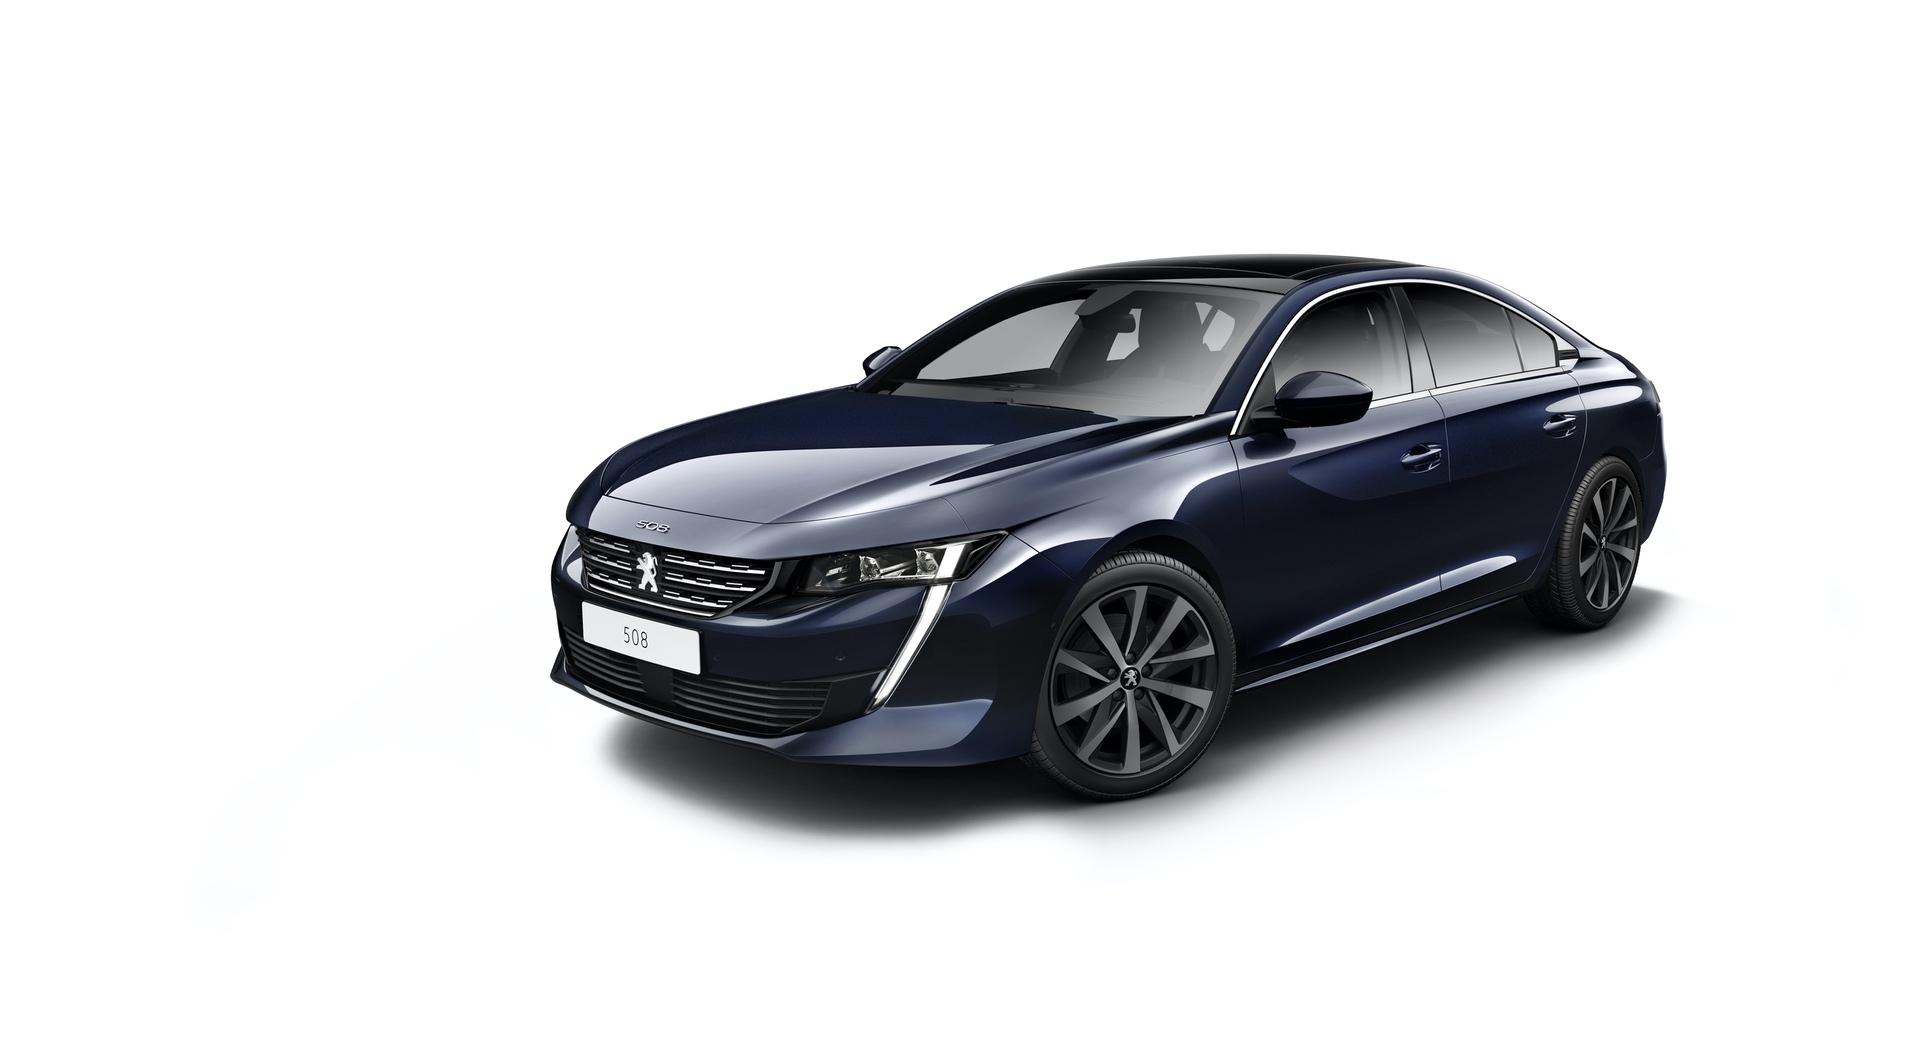 2018_Peugeot_508_0002